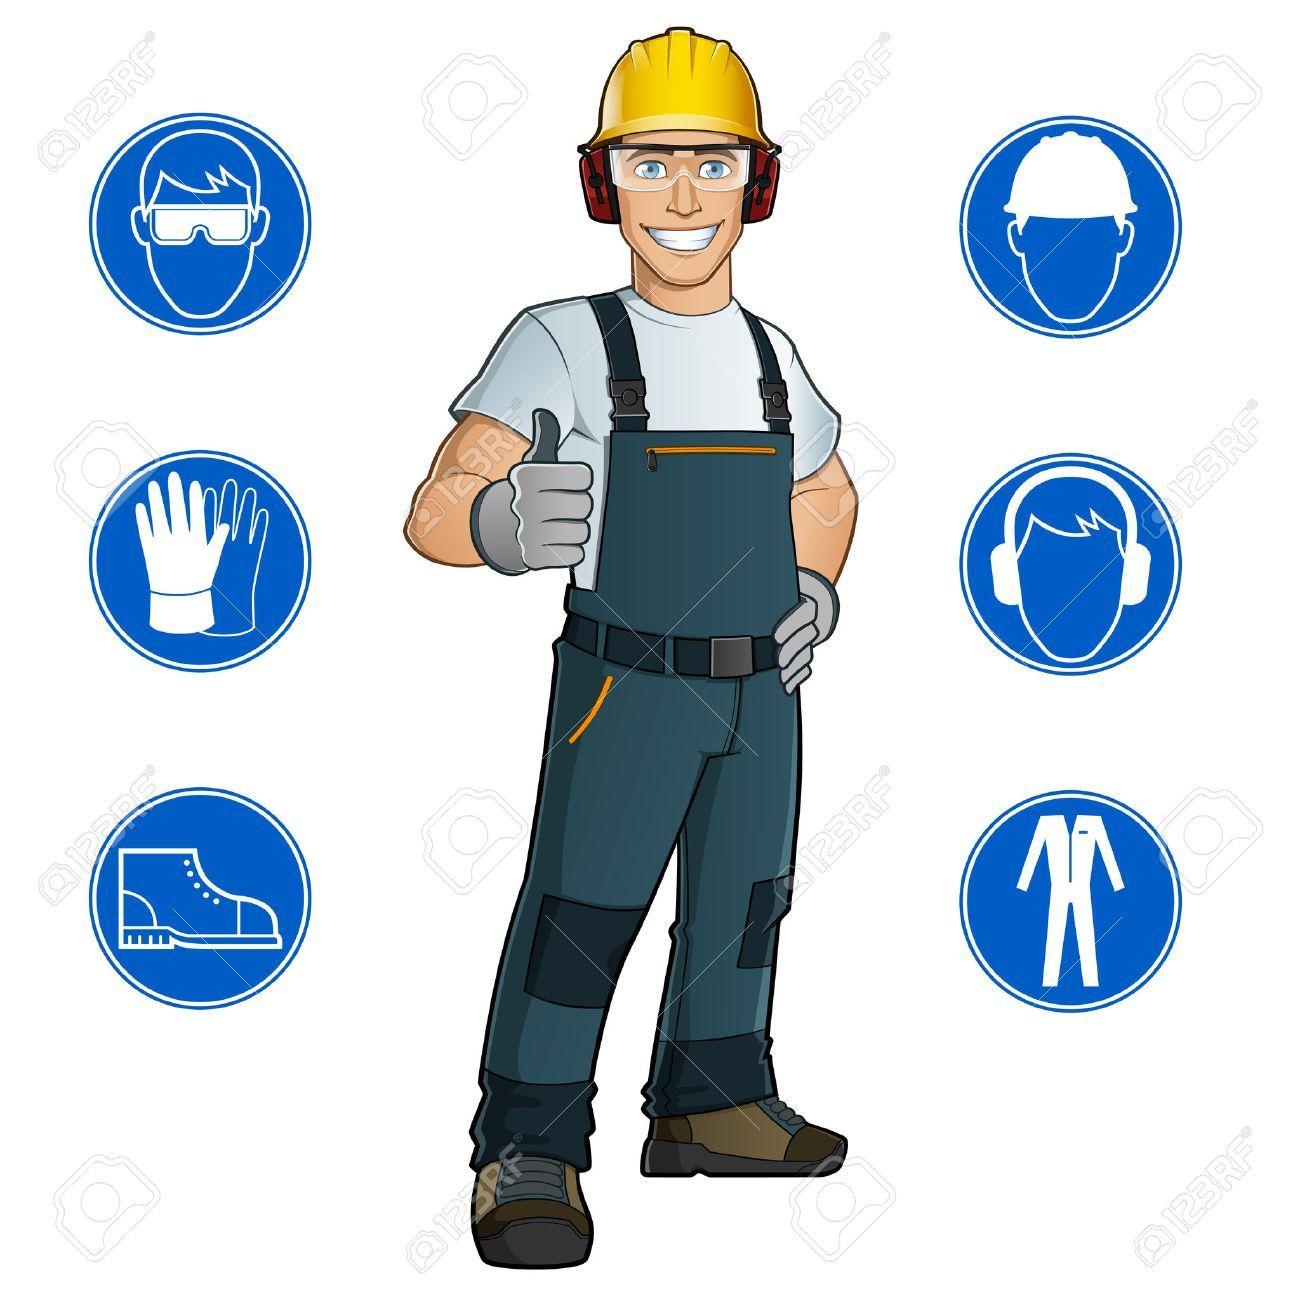 Resultado De Imagem Para Capacete Seguranca Do Trabalho Seguranca No Trabalho Fotos De Seguranca Capacete De Seguranca